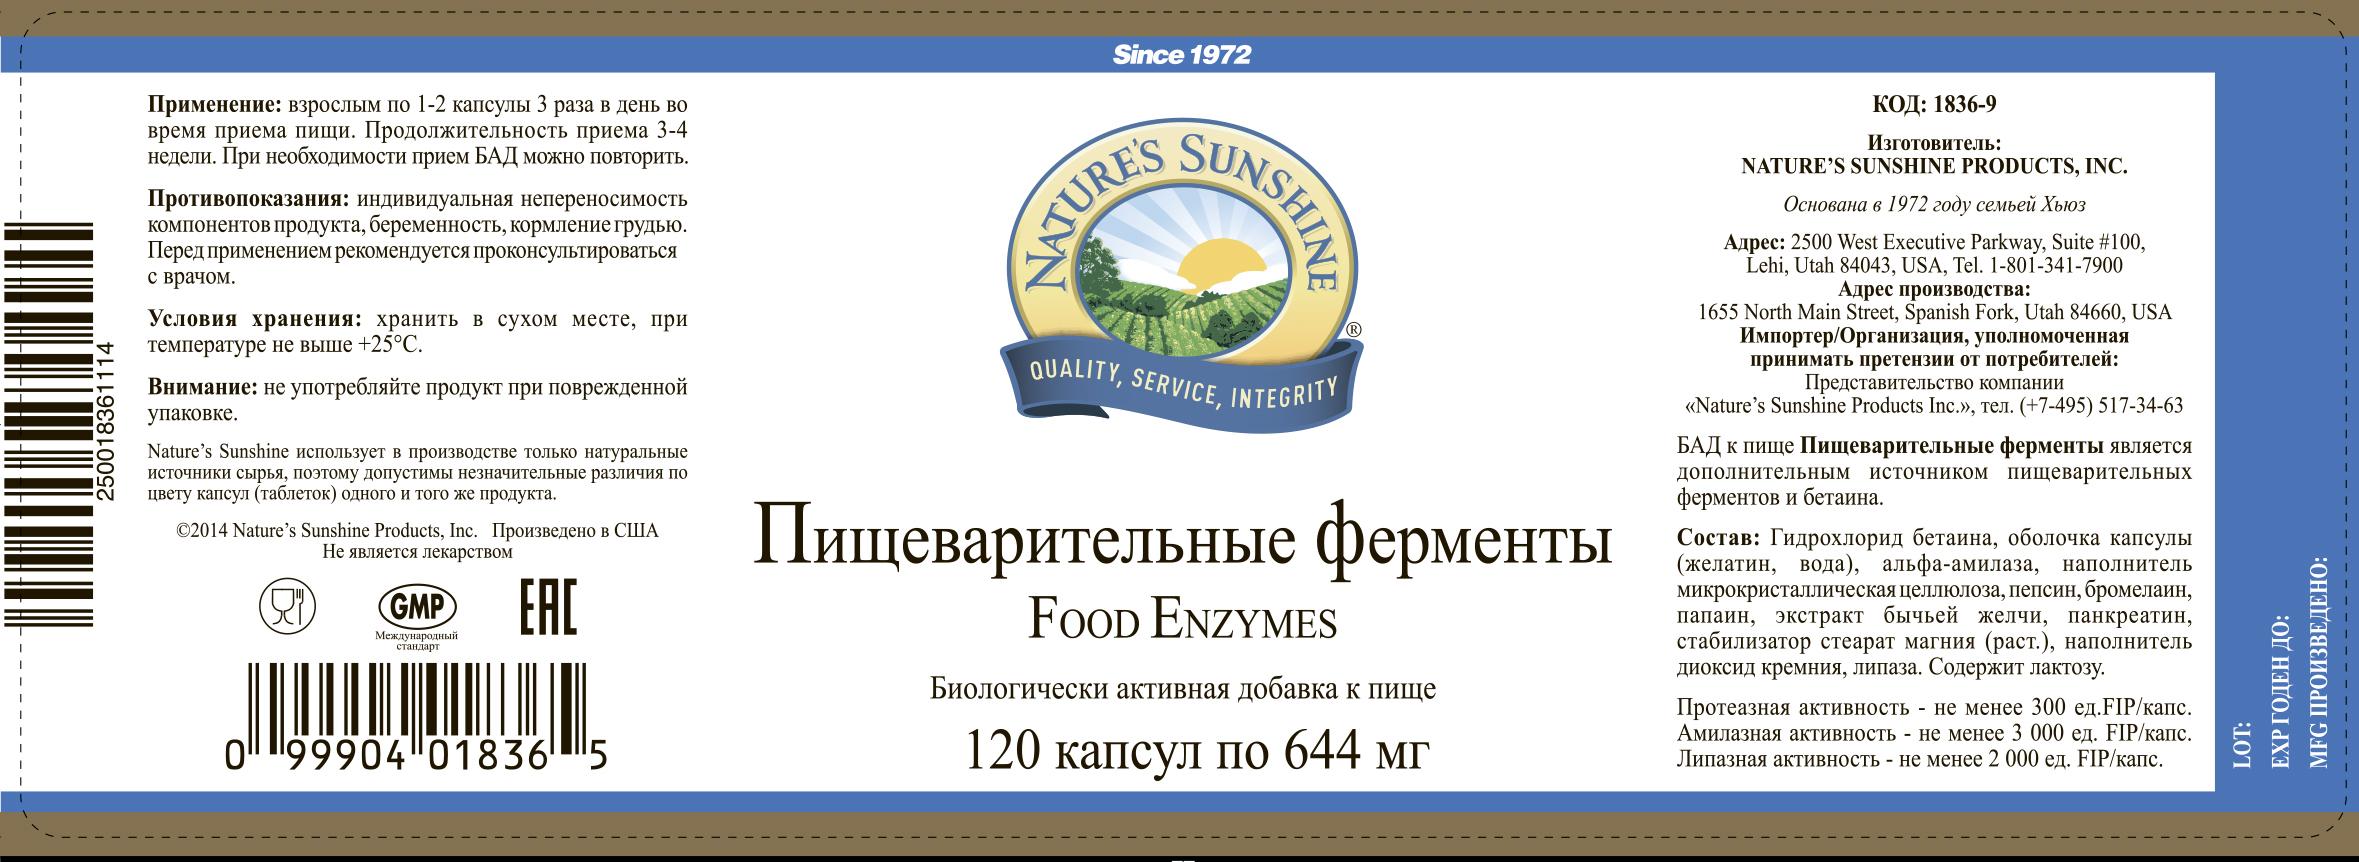 Картинка Пищеварительные ферменты / Food Enzymes от магазина Nature's Sunshine Products